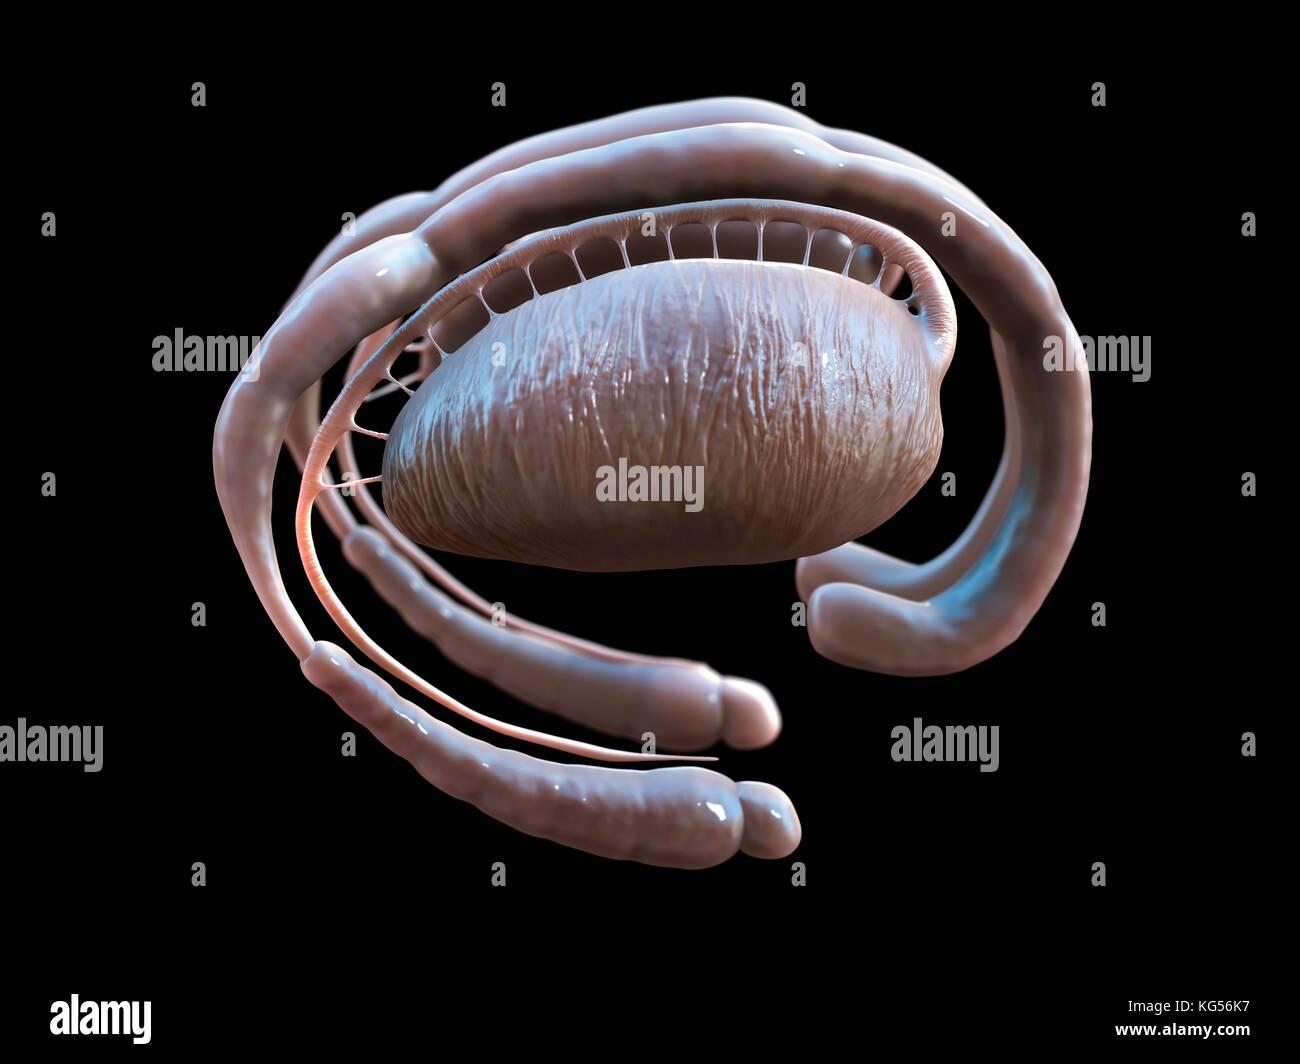 Menschliche Gehirn limbische System, Illustration Stockfoto, Bild ...